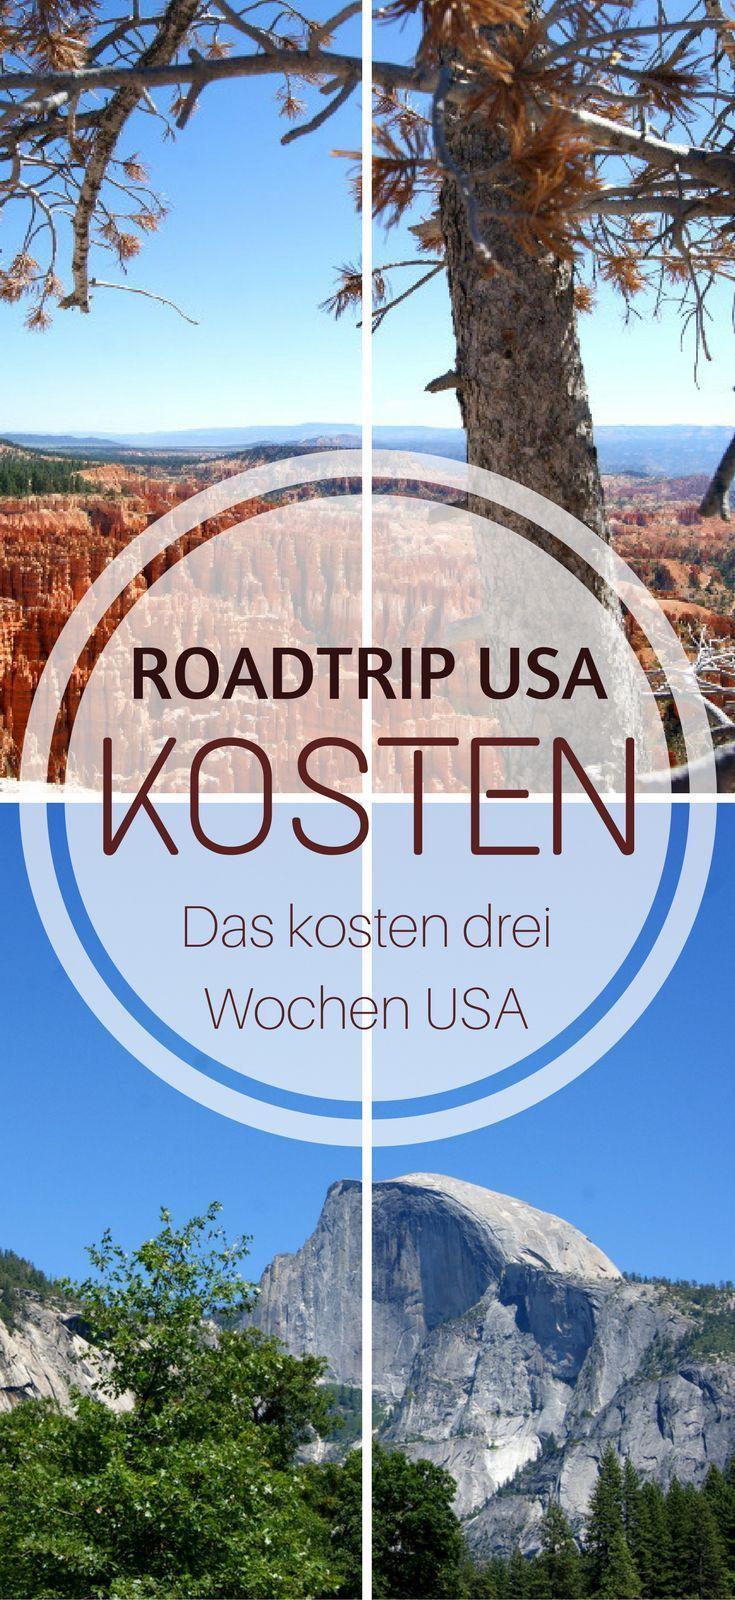 Kostenaufstellung Roadtrip USA - Das kostet ein Roadtrip durch die USA. Liste der Kosten - ich zeige dir, wie viel Geld wir für unsere Reise in die USA bezahlt haben. Damit bekommst du einen Überblick der Kosten und weißt, an welcher Stelle du sparen magst. Roadtrip USA - New York - San Francisco - Nationalparks in den USA - Las Vegas - Mehr Reisetipps und USA-Tipps findest du auf meinem Reiseblog. #TravelDestinationsUsaLasVegas